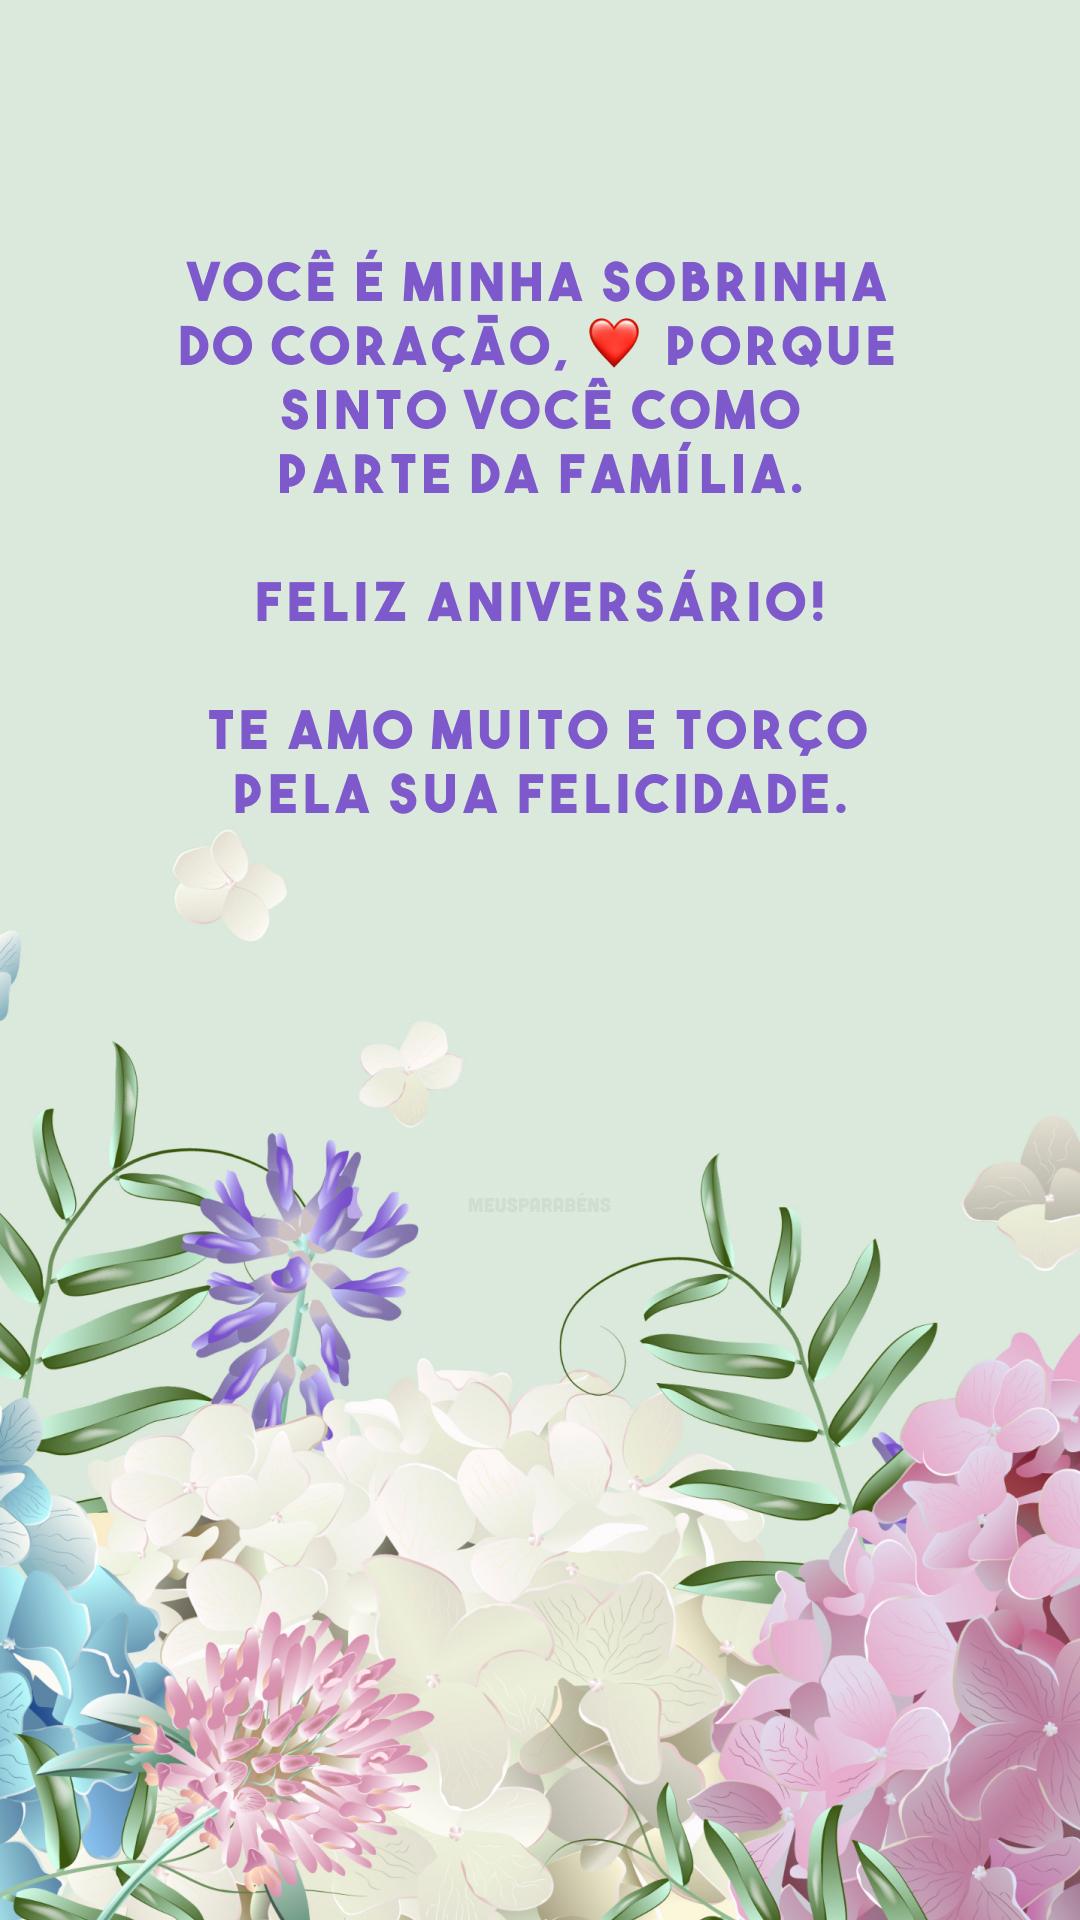 Você é minha sobrinha do coração, ❤️ porque sinto você como parte da família. Feliz aniversário! Te amo muito e torço pela sua felicidade.